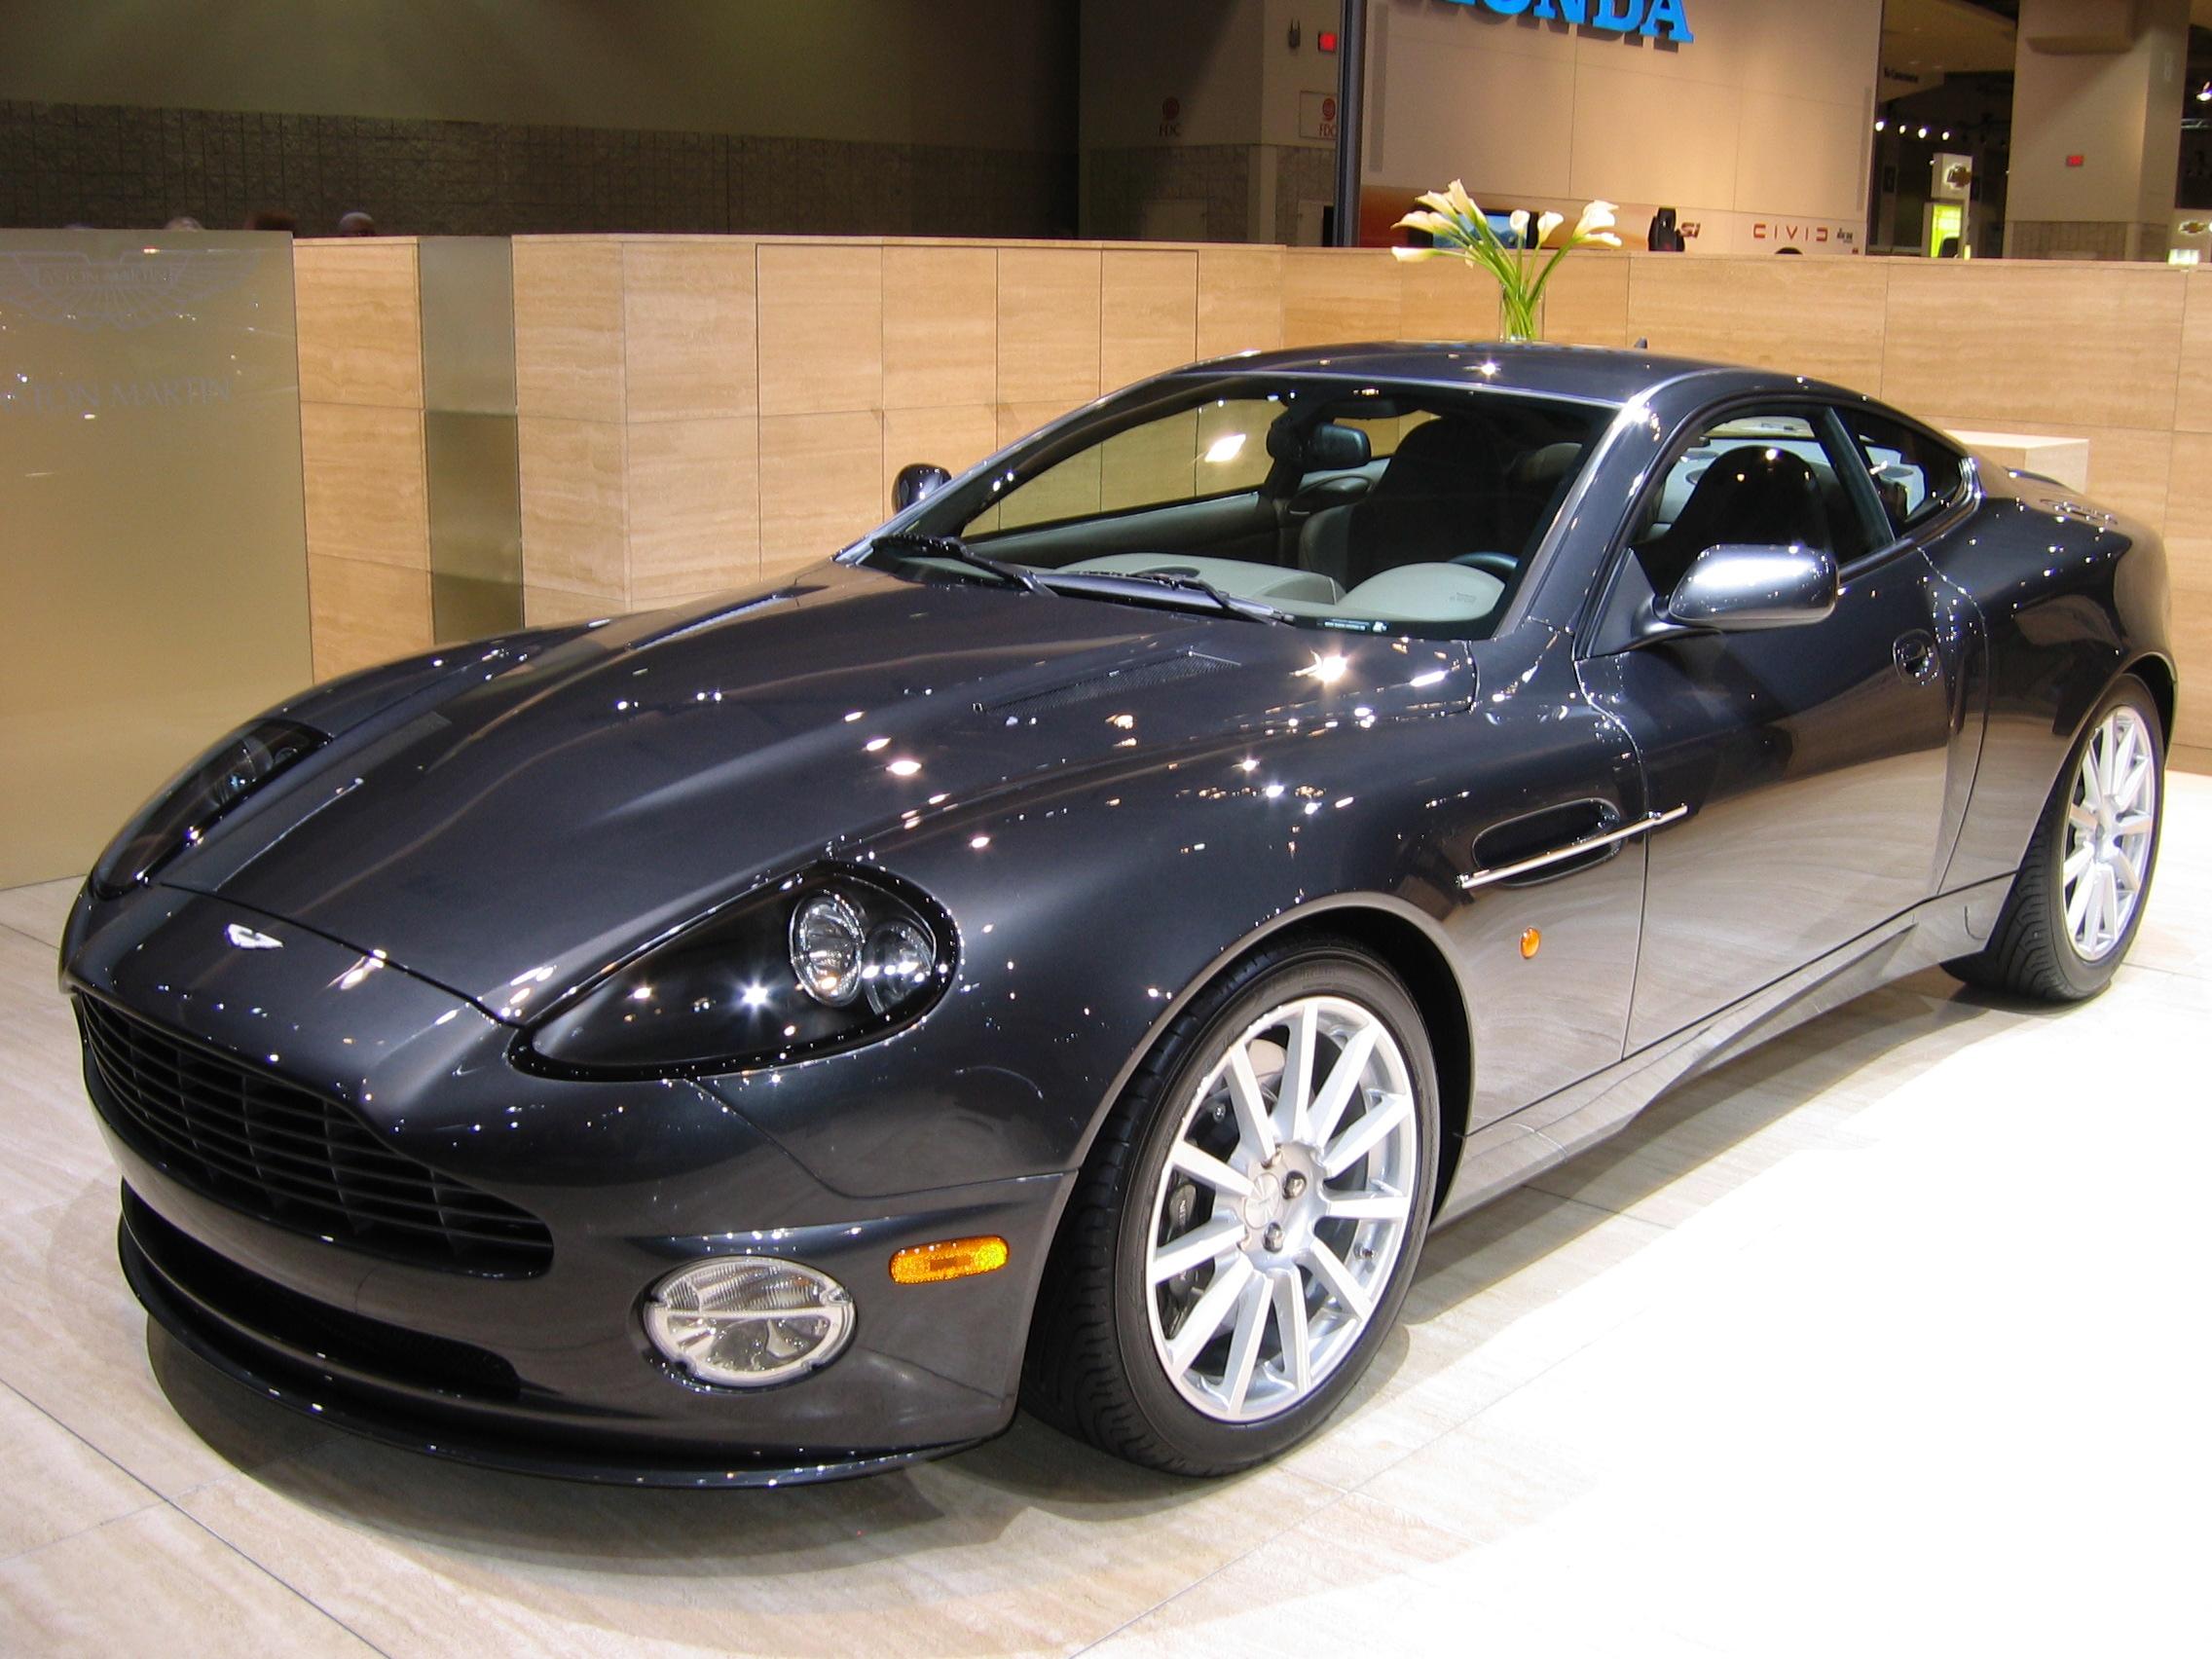 FileWashauto Aston Martin Vanquish Sjpg Wikimedia Commons - 2006 aston martin vanquish